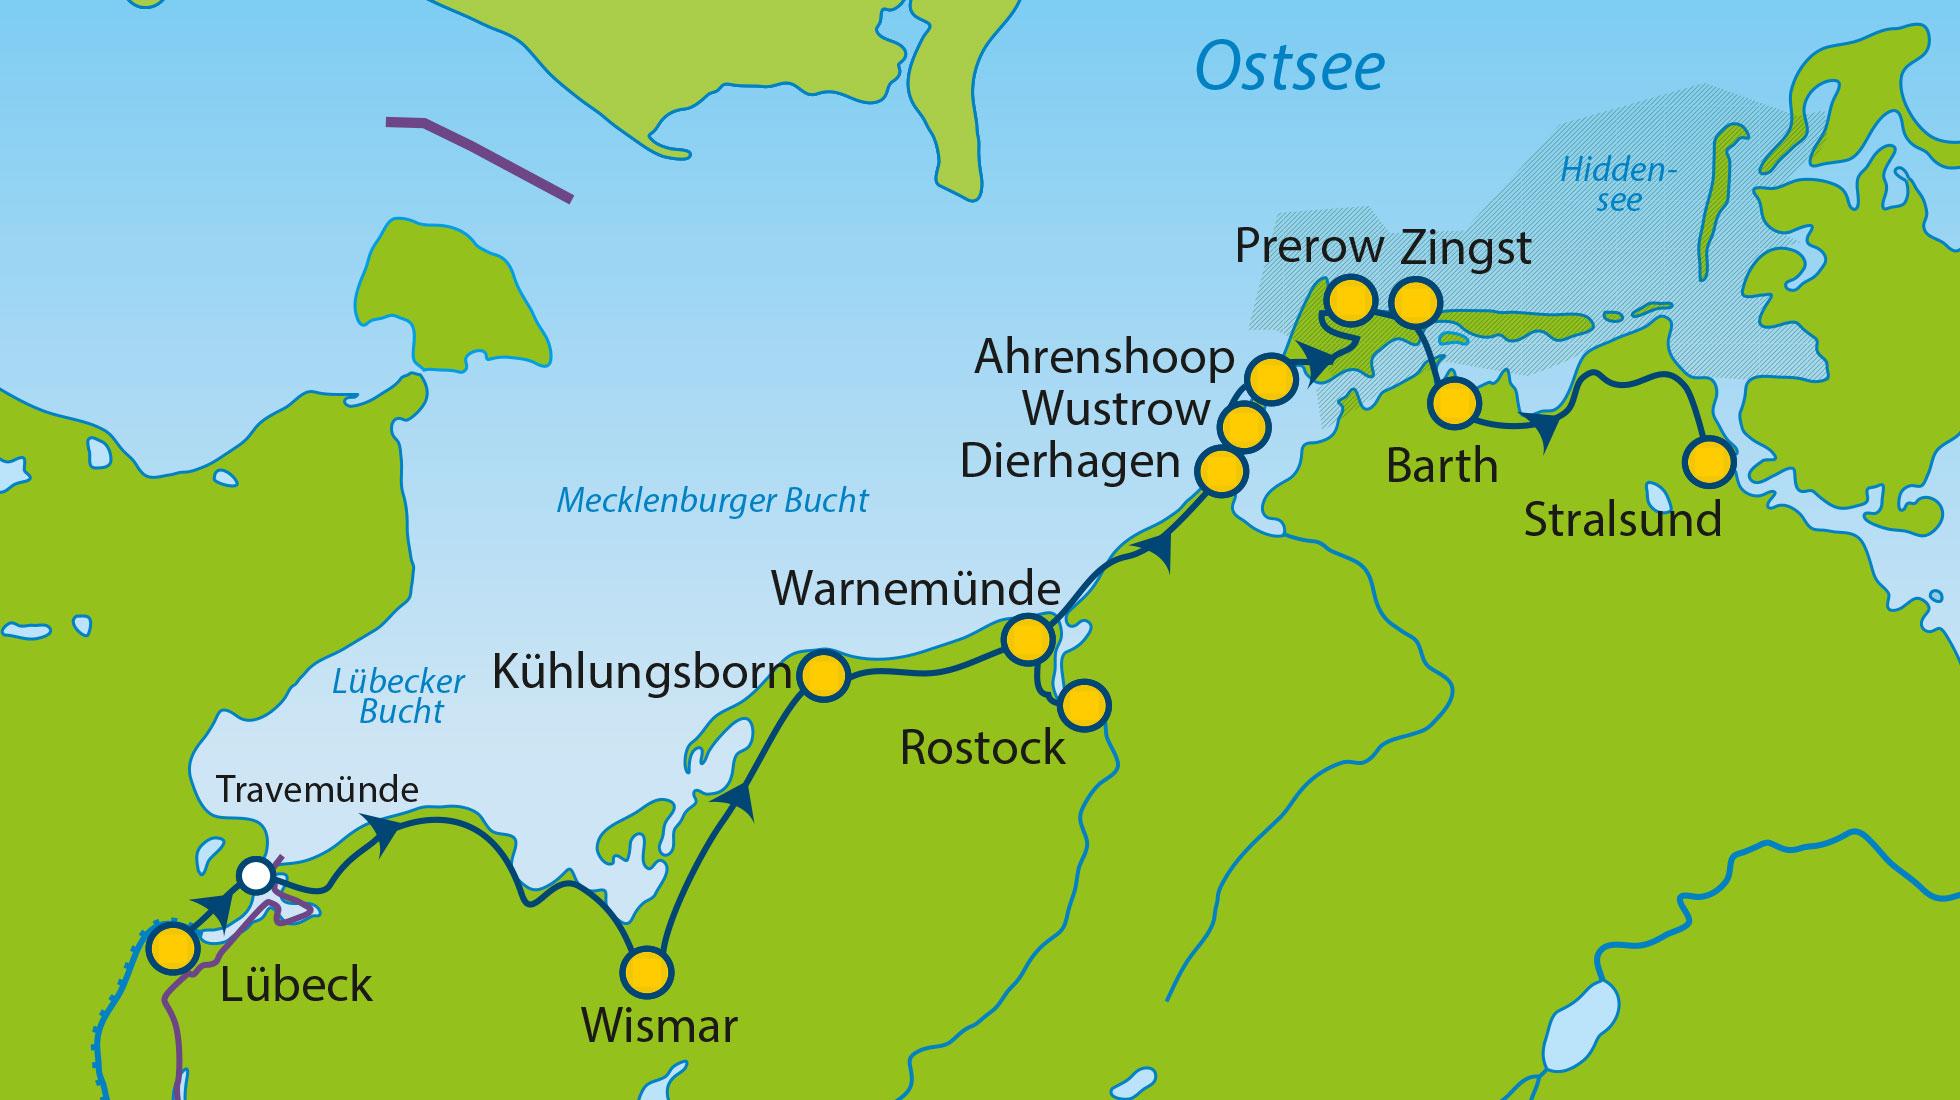 Ostseeradweg Lübeck Stralsund Karte.Mec 30 31 Bt Lübeck Stralsund Exklusiv Ostsee Radtouren